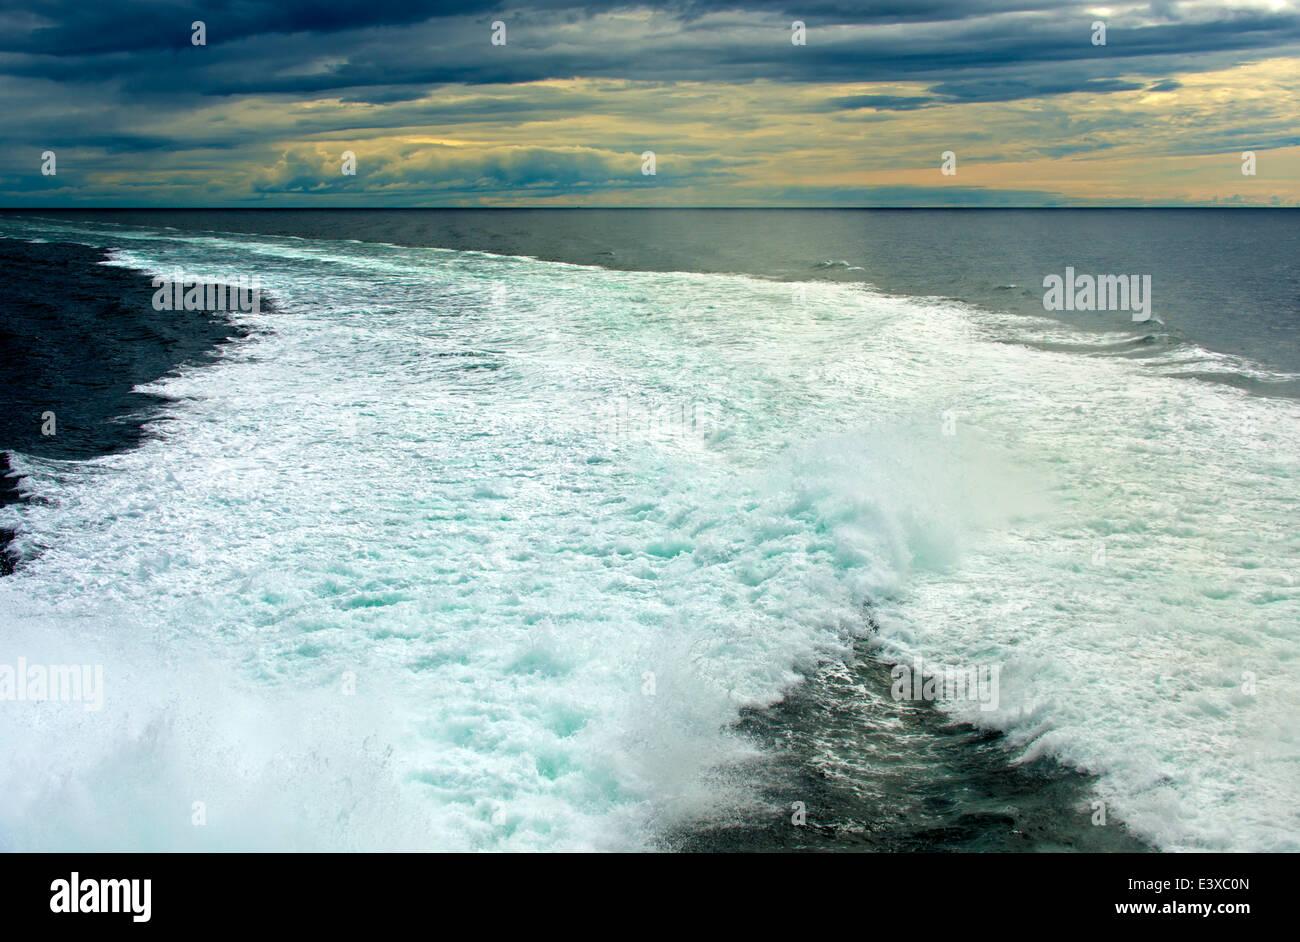 Spray en un buque en el mar, despertar al atardecer, Mar del Norte Imagen De Stock